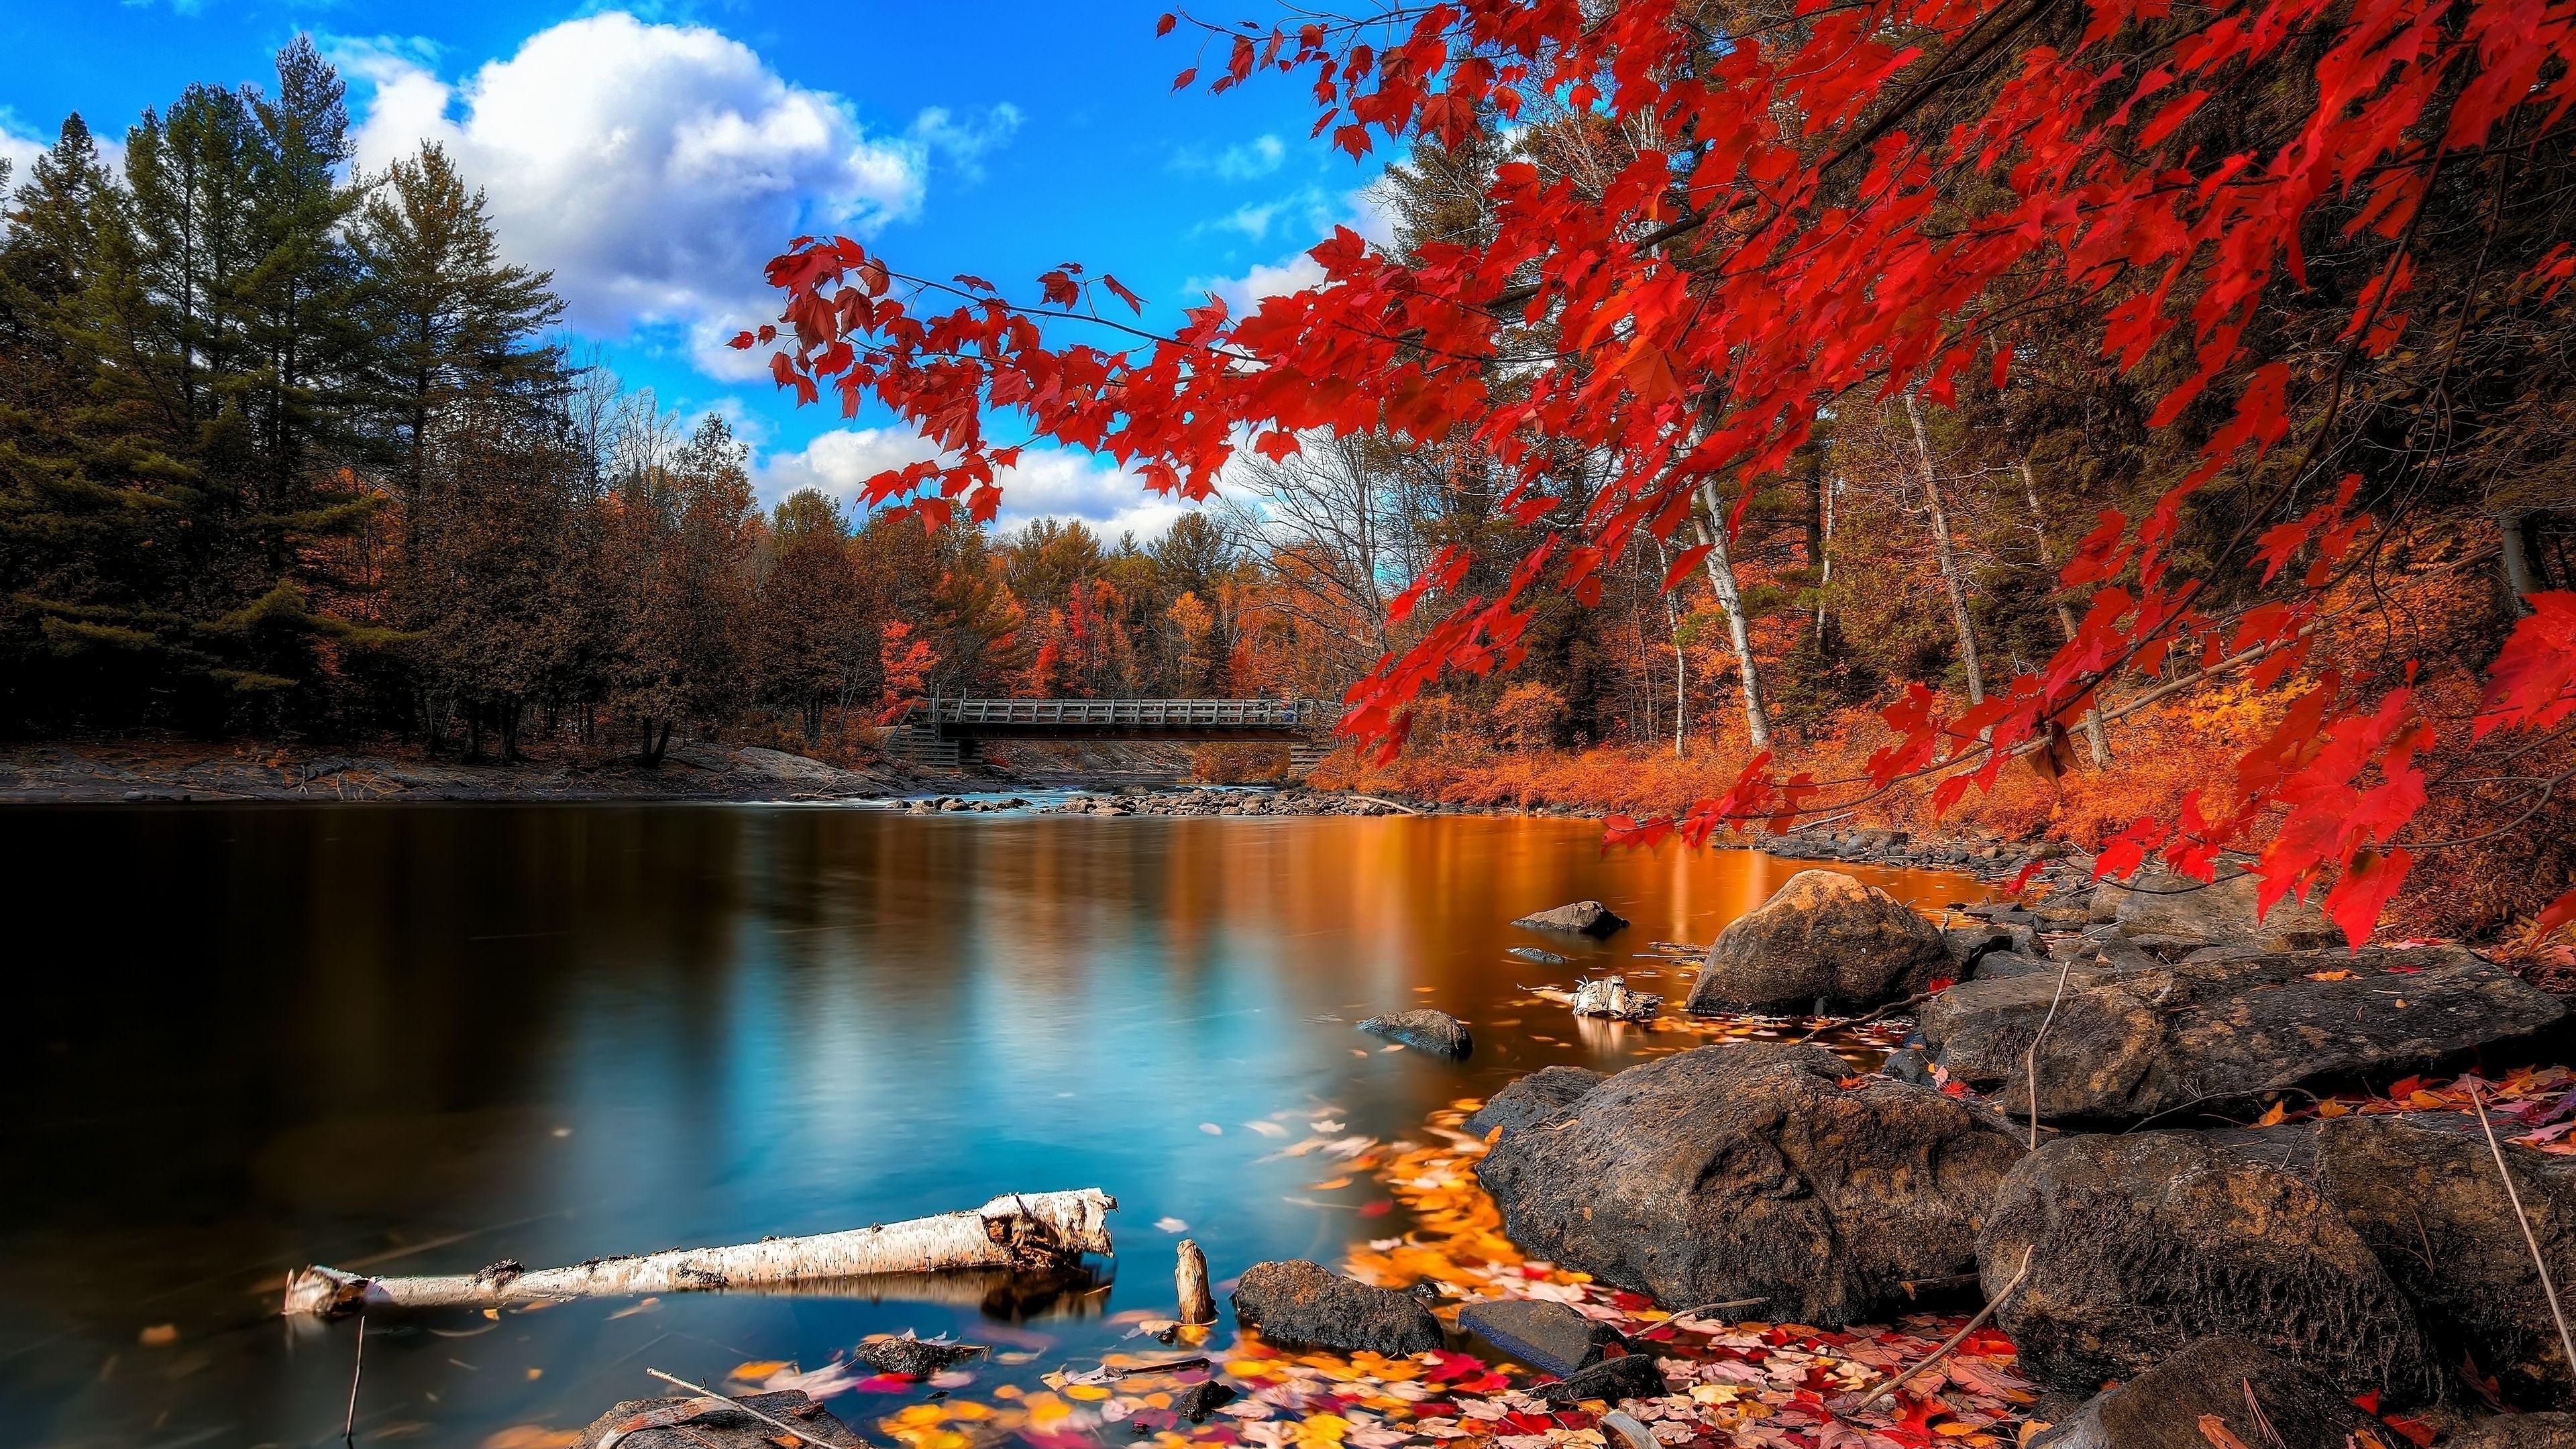 Fantastic autumn nature wallpaper